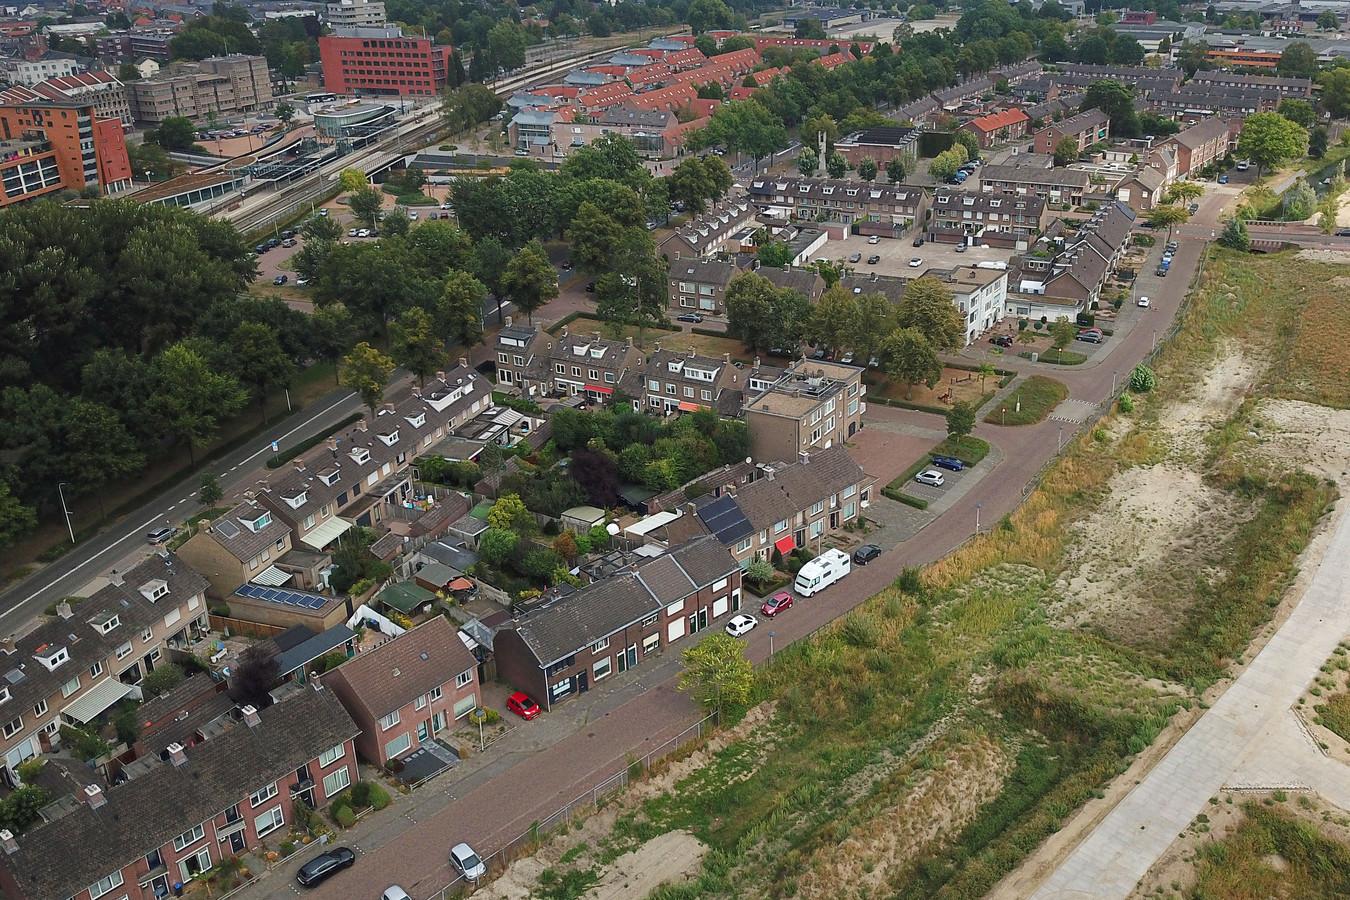 De Annawijk in Helmond, ingeklemd tussen het spoor (linksboven) en nieuwbouwwijk Suytkade (rechts).